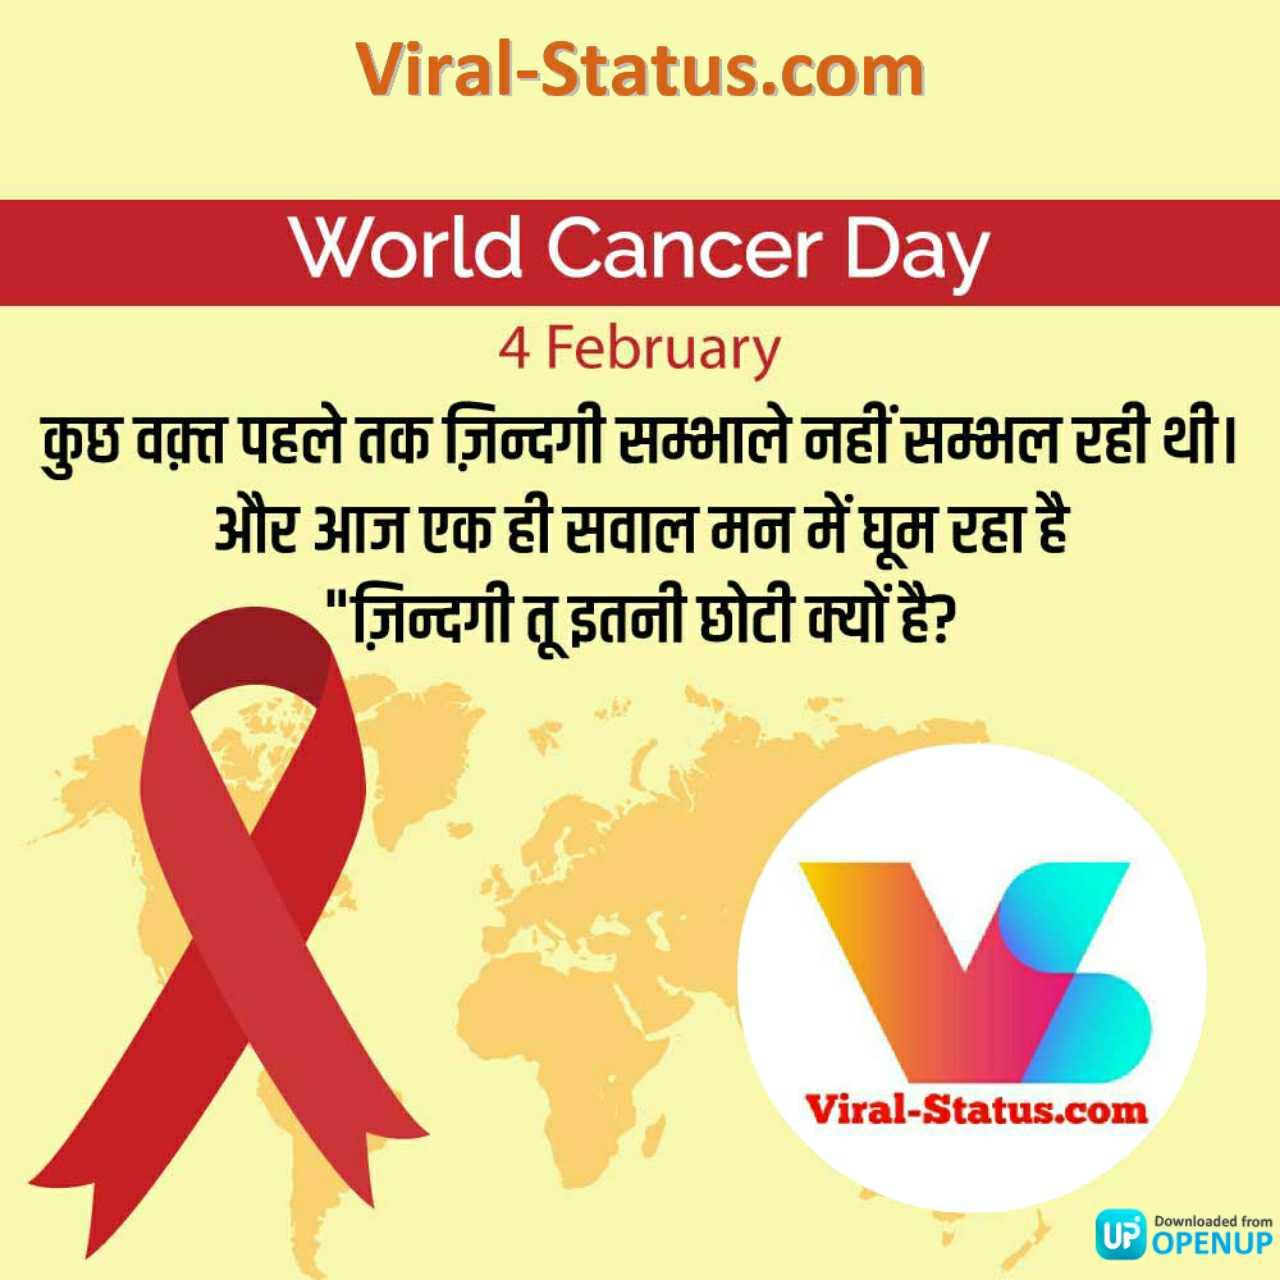 world cancer day 2020 theme in hindi